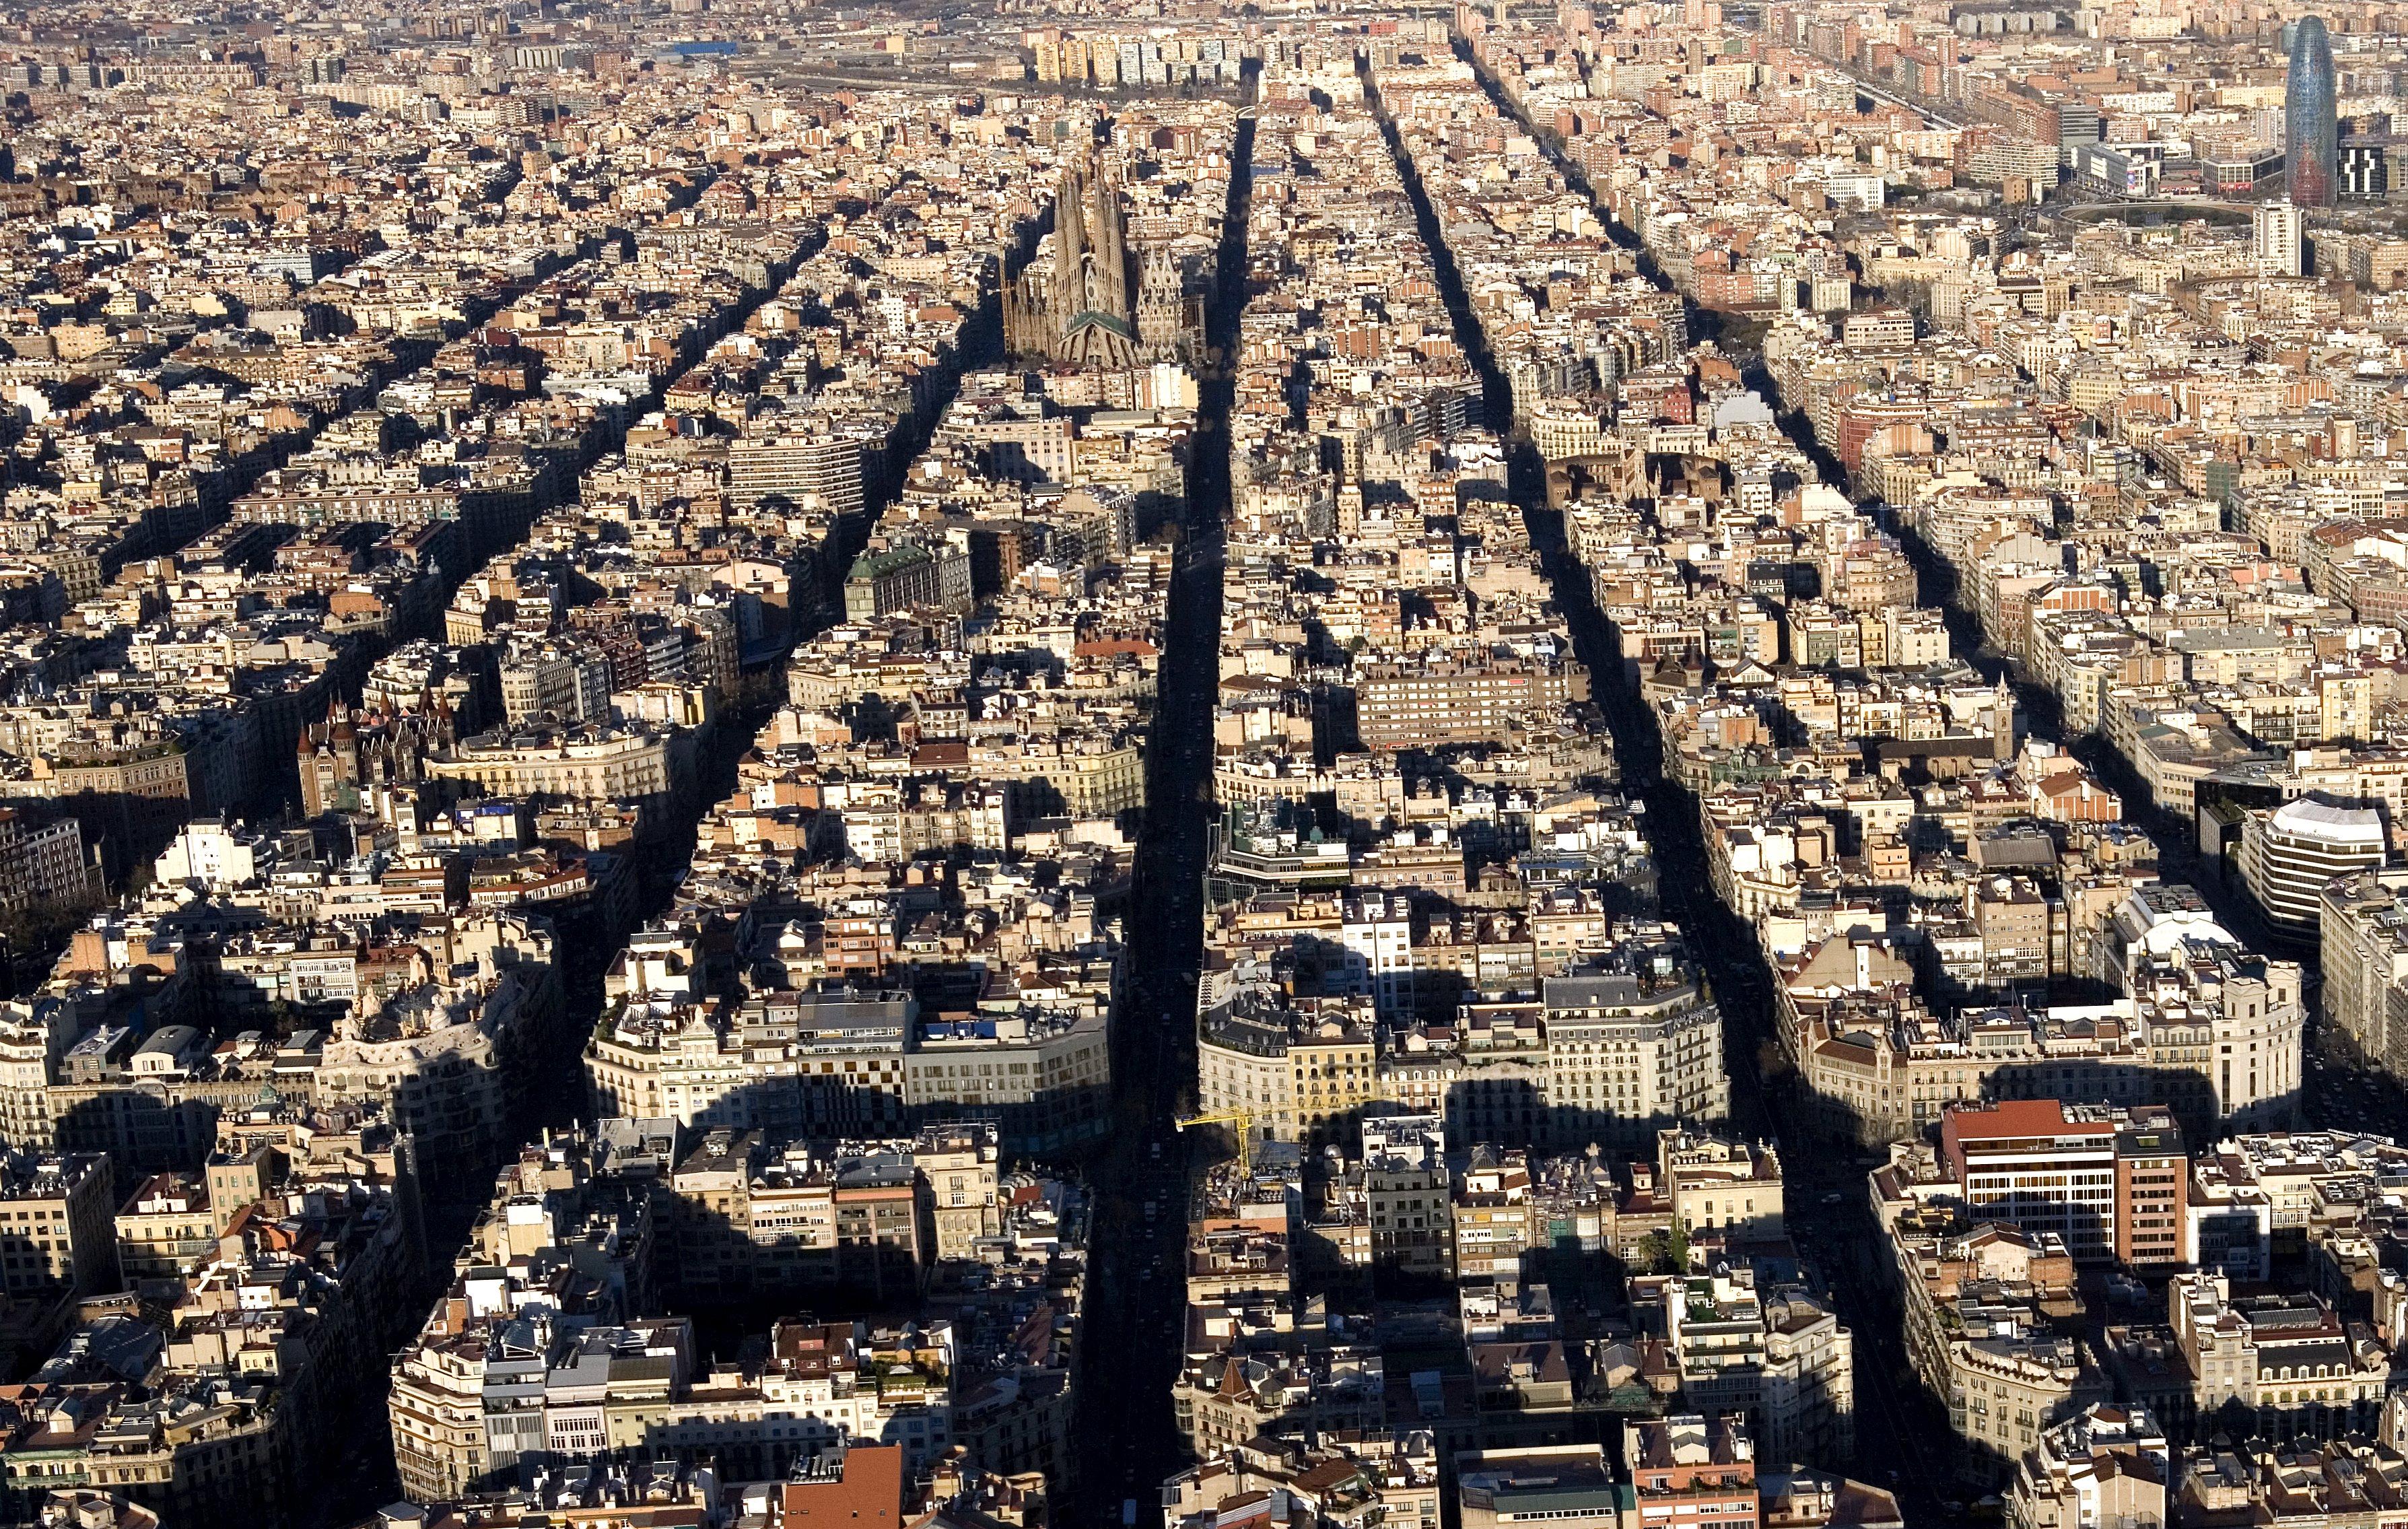 73 milions d 39 euros per aixecar un gratacel de pisos a for Piso 80000 euros barcelona